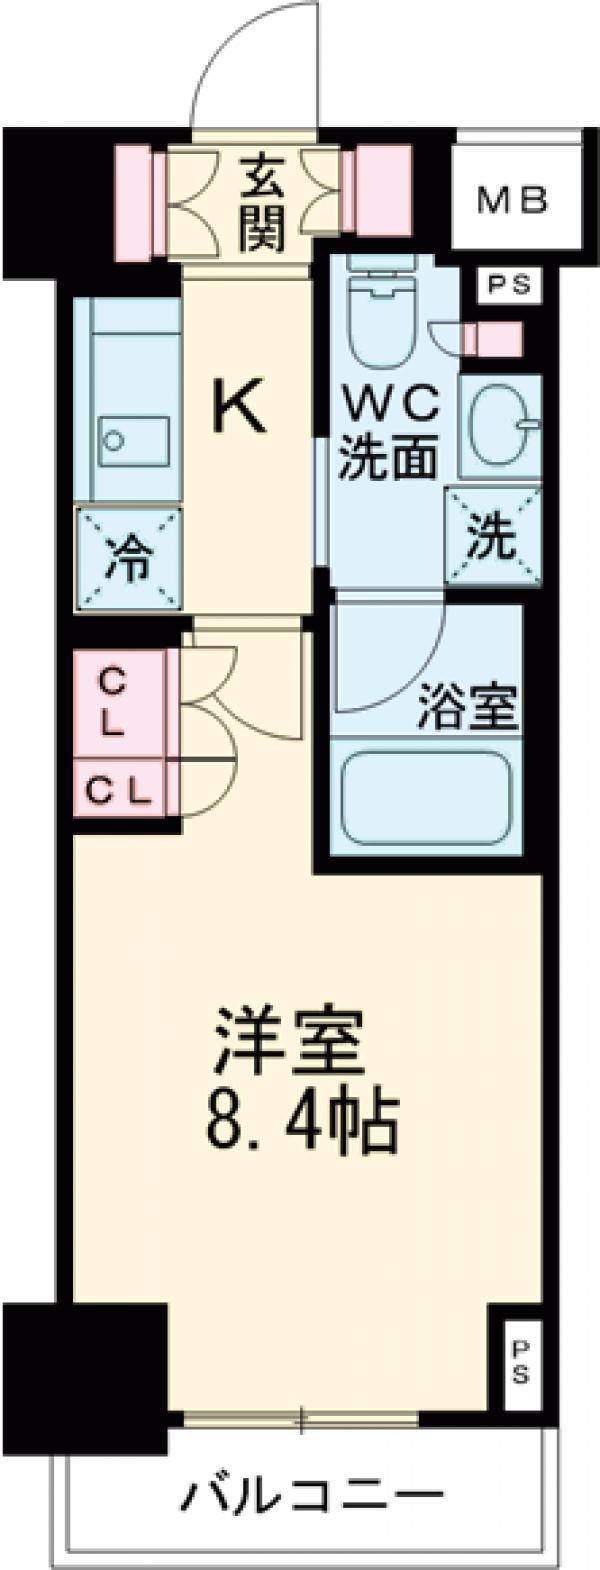 プラウドフラット西早稲田・804号室の間取り